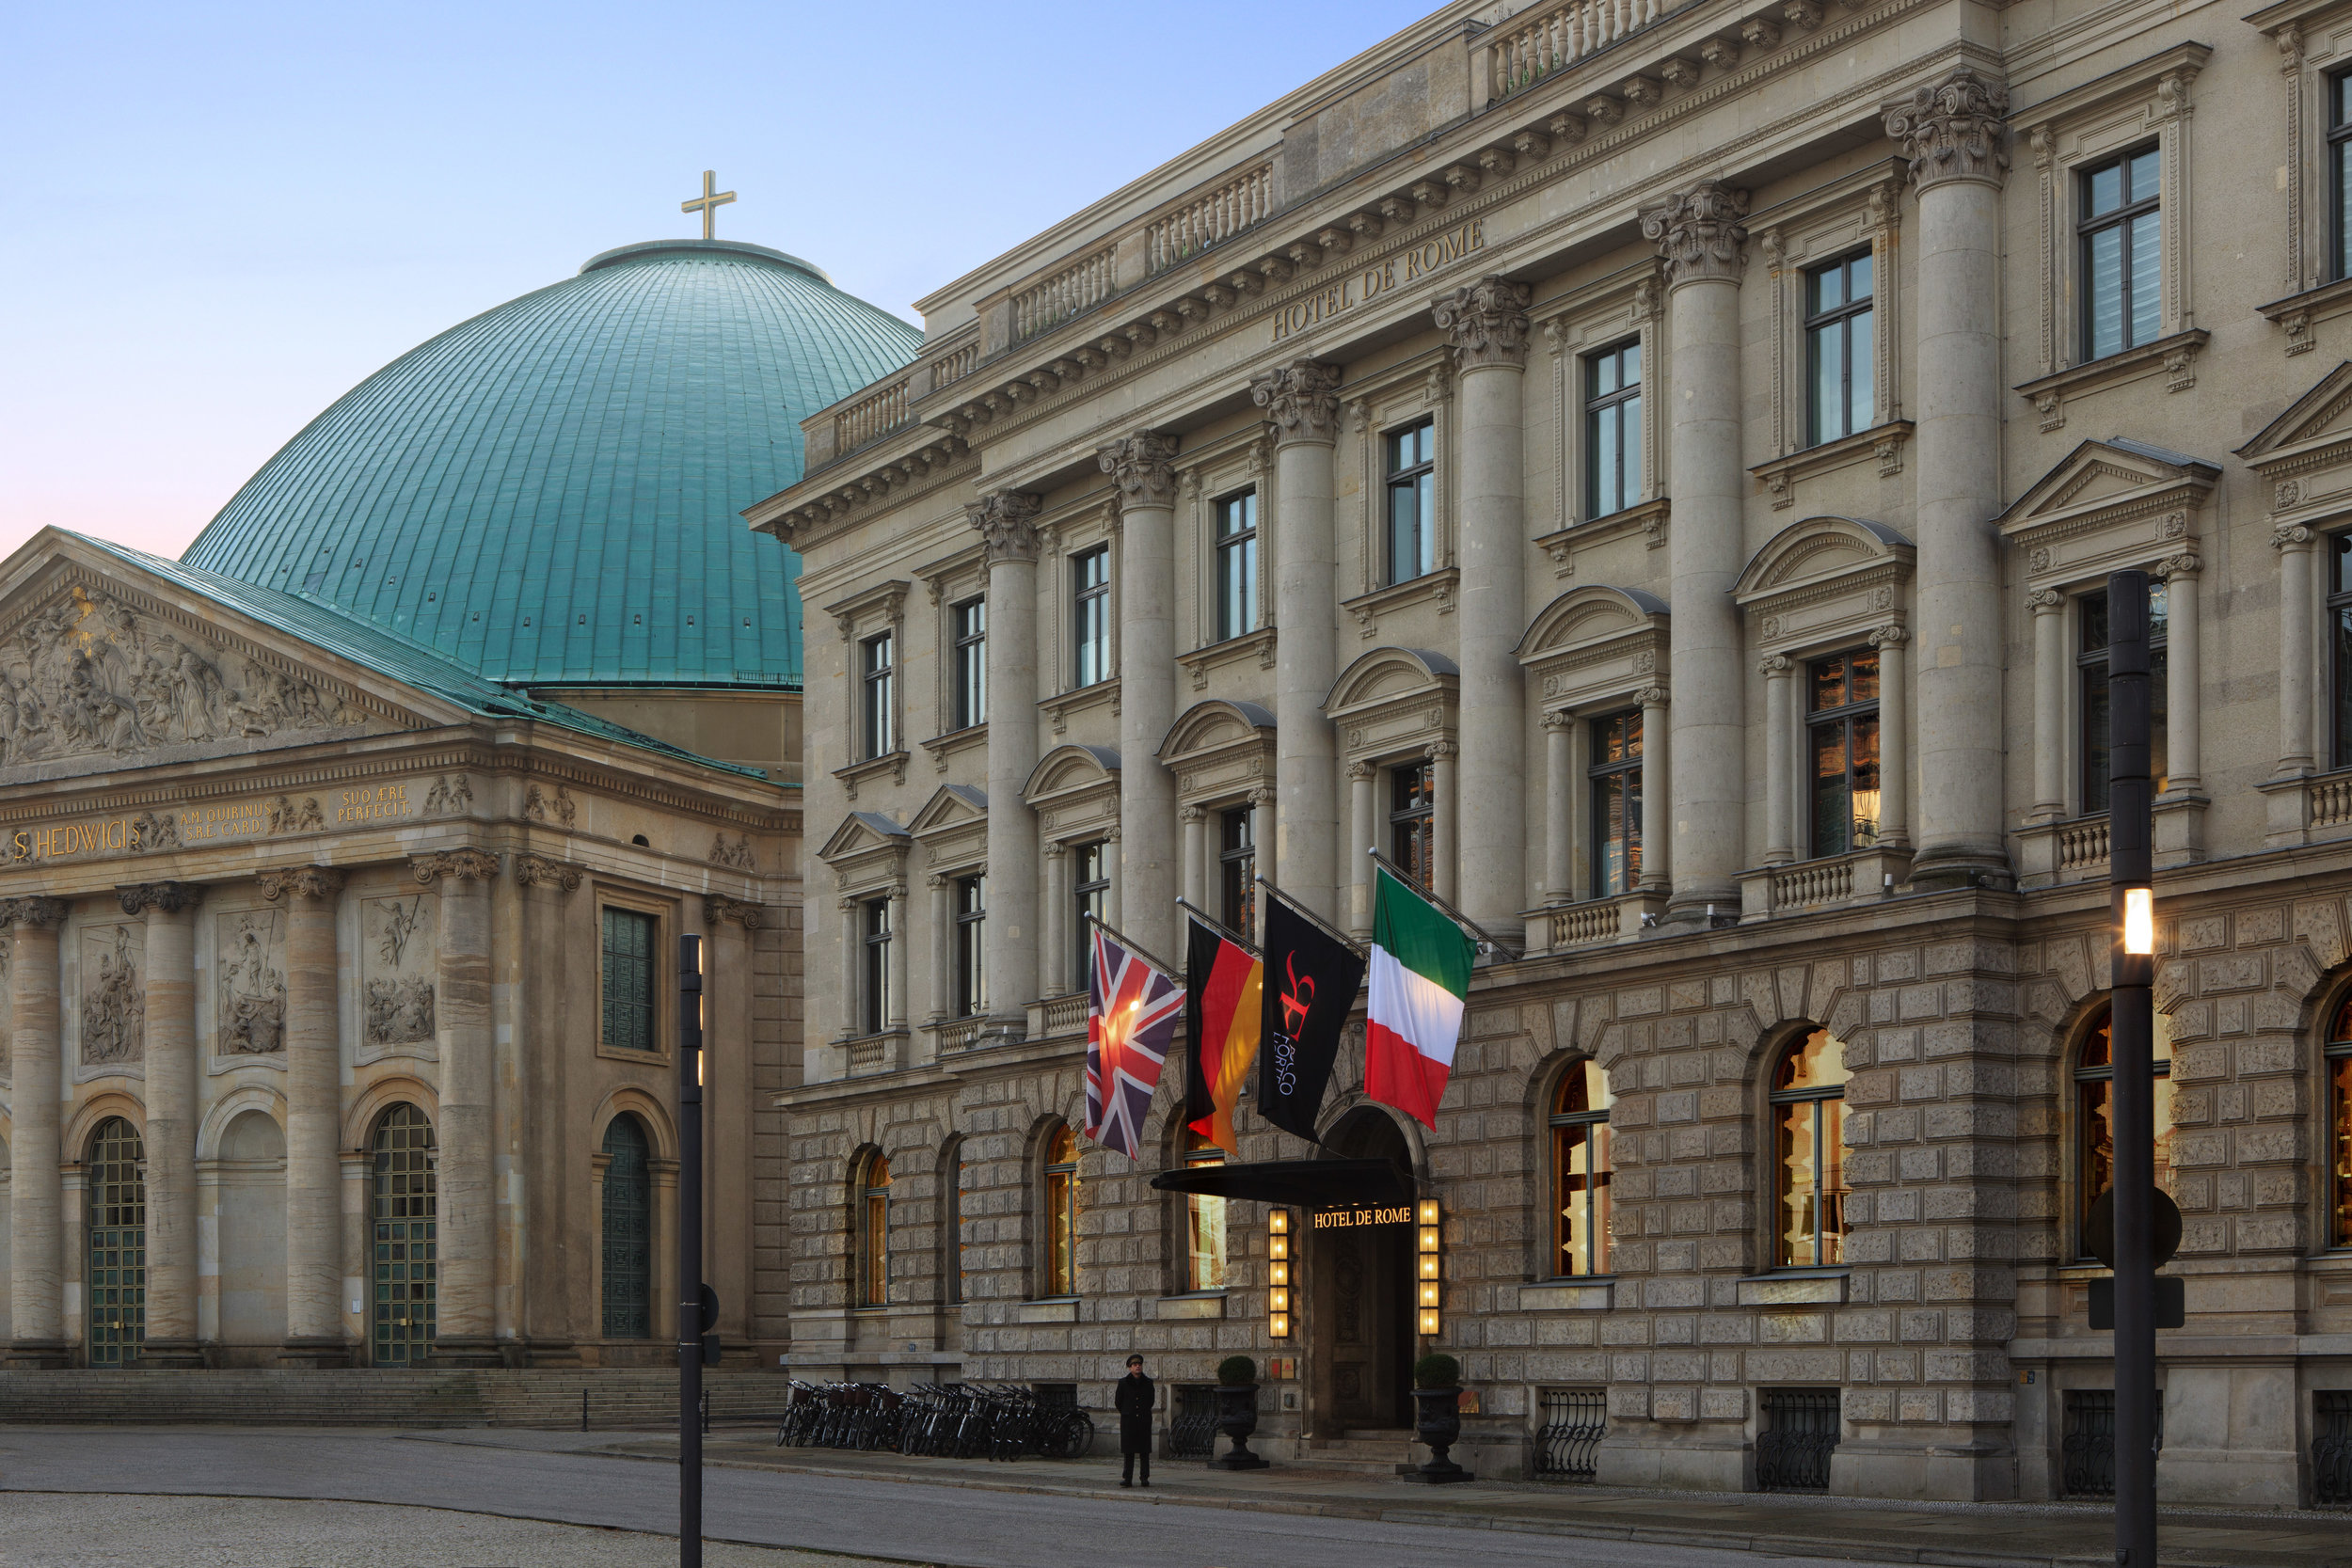 2 RFH Hotel de Rome - Facade.jpg